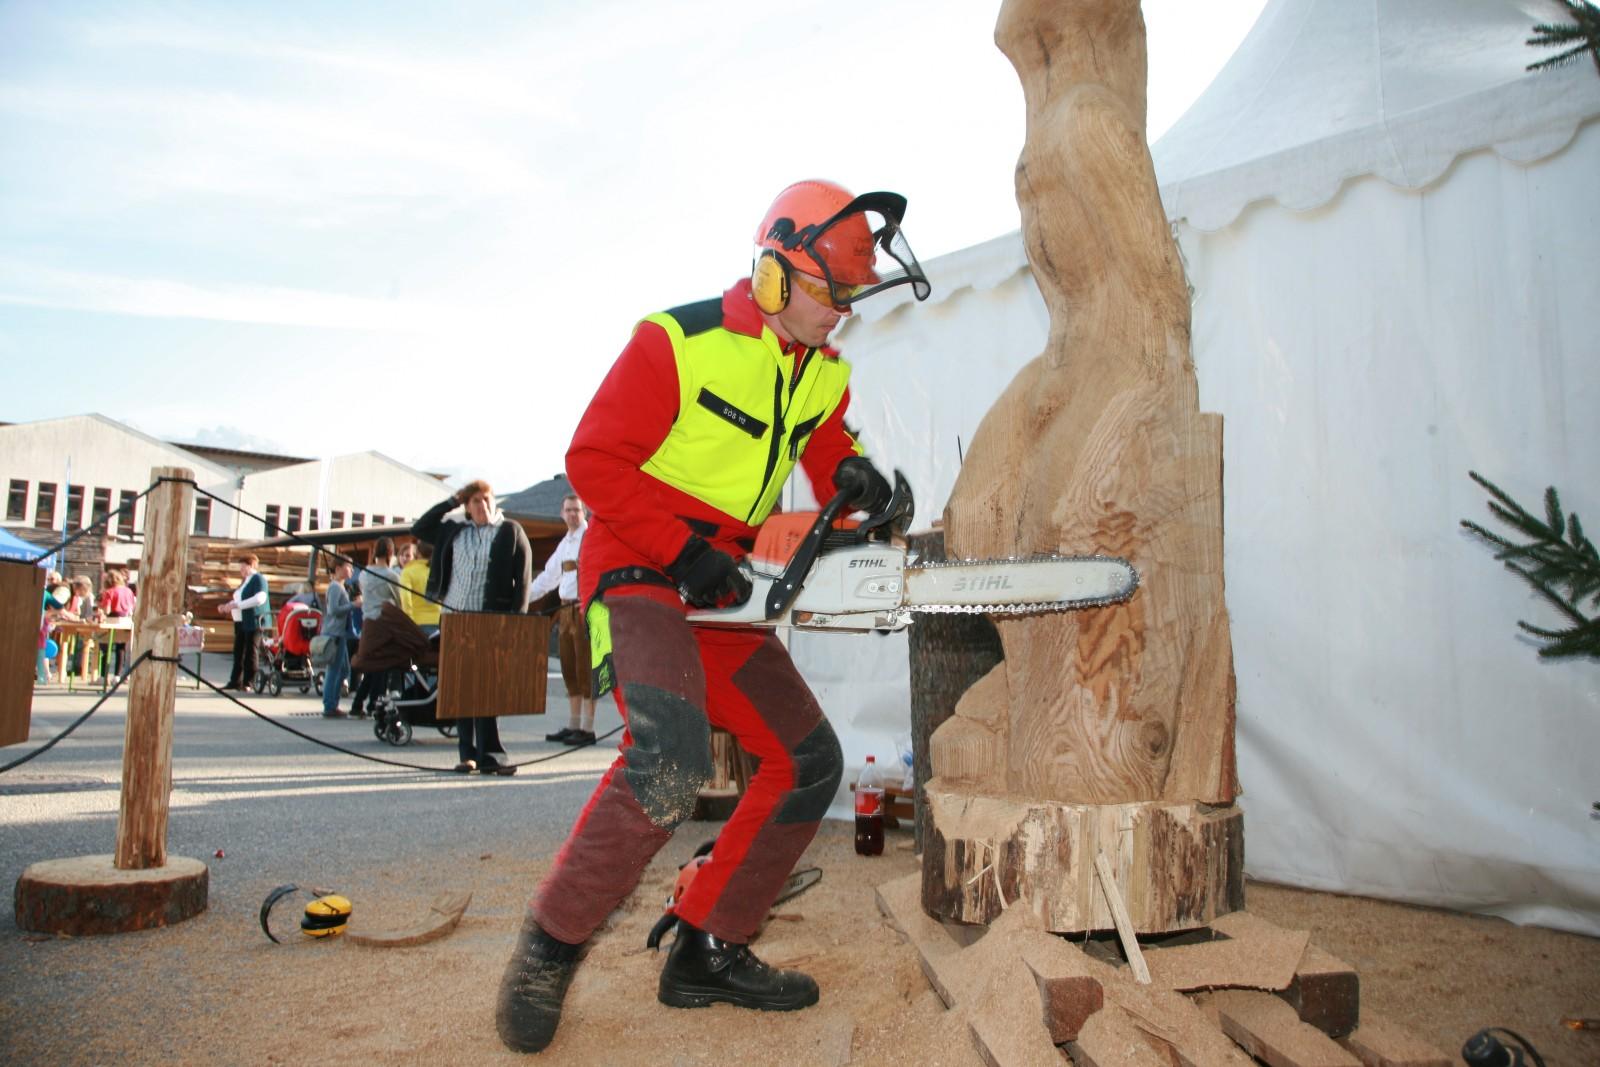 © TVB Kuchl - kreativ bearbeitete Baumstämme zur Begrüßung in der Holzgemeinde Kuchl